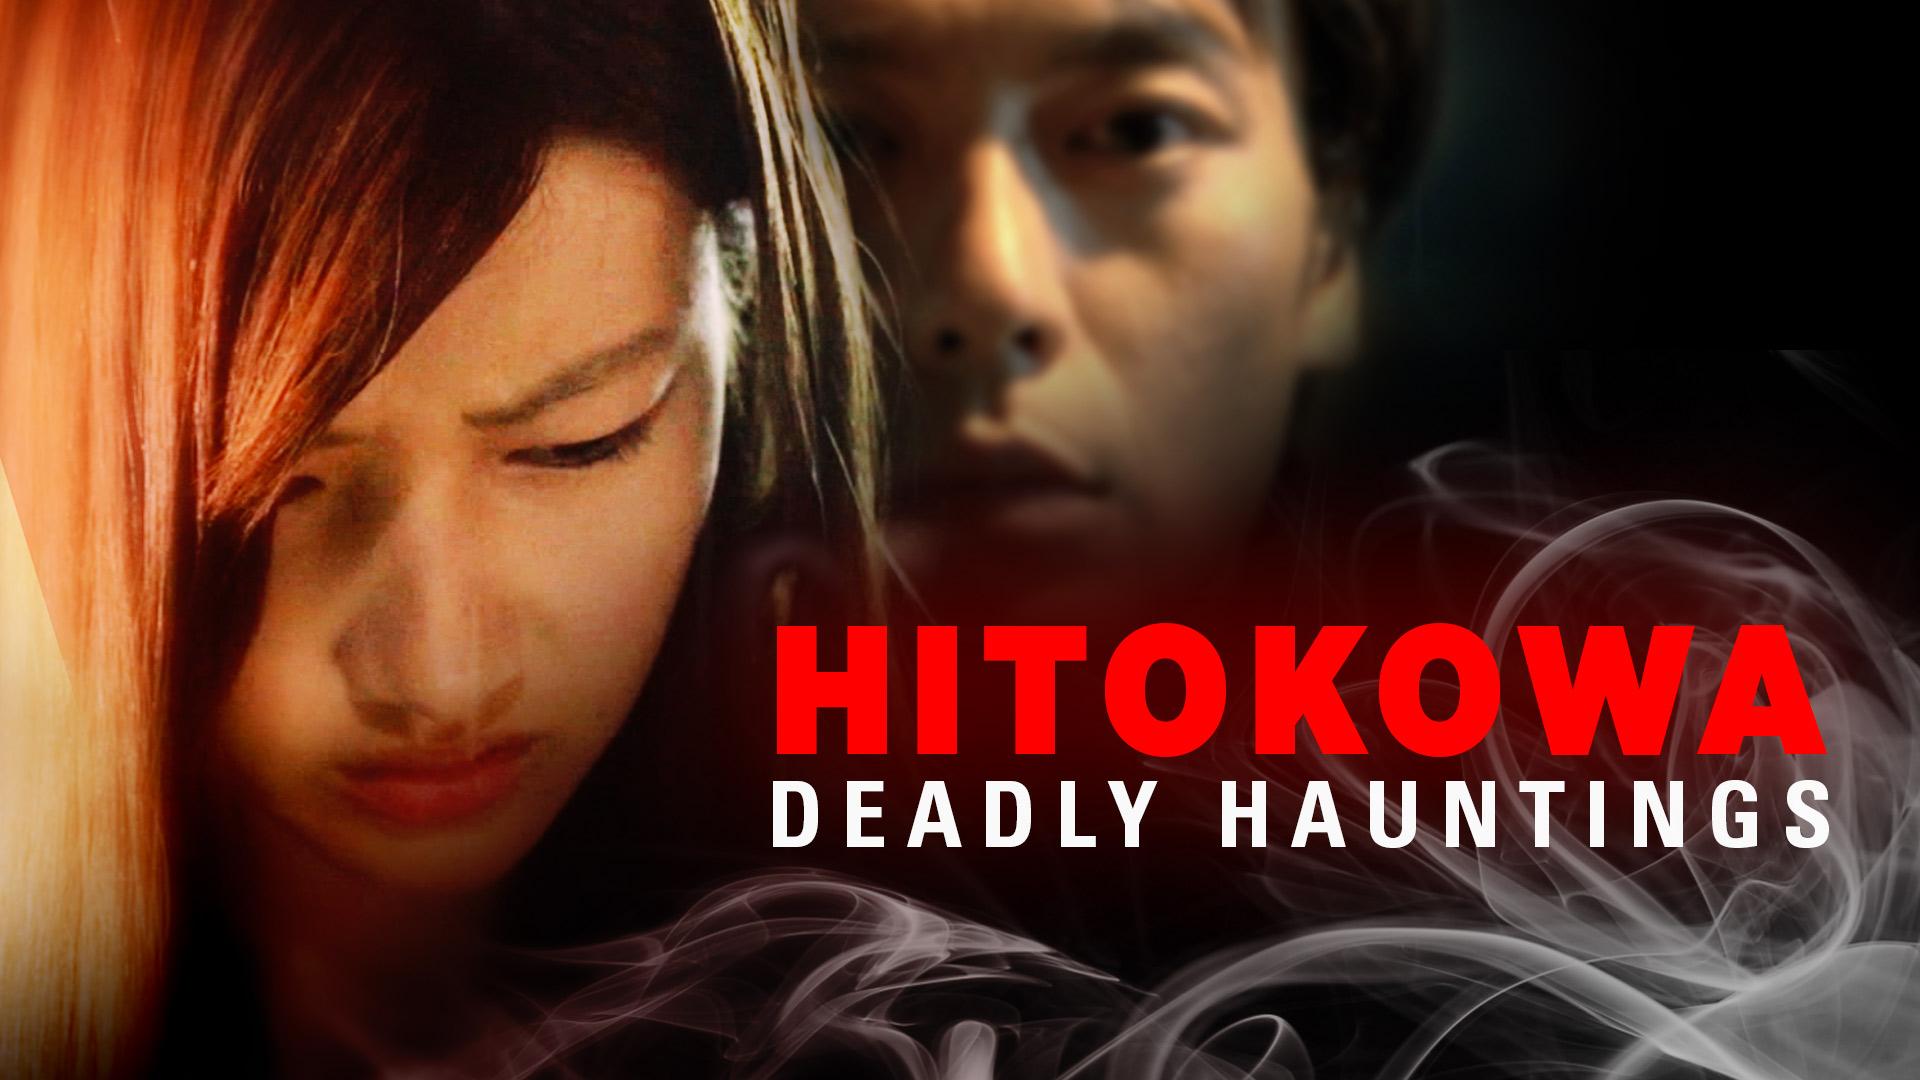 Hitokowa: Deadly Hauntings